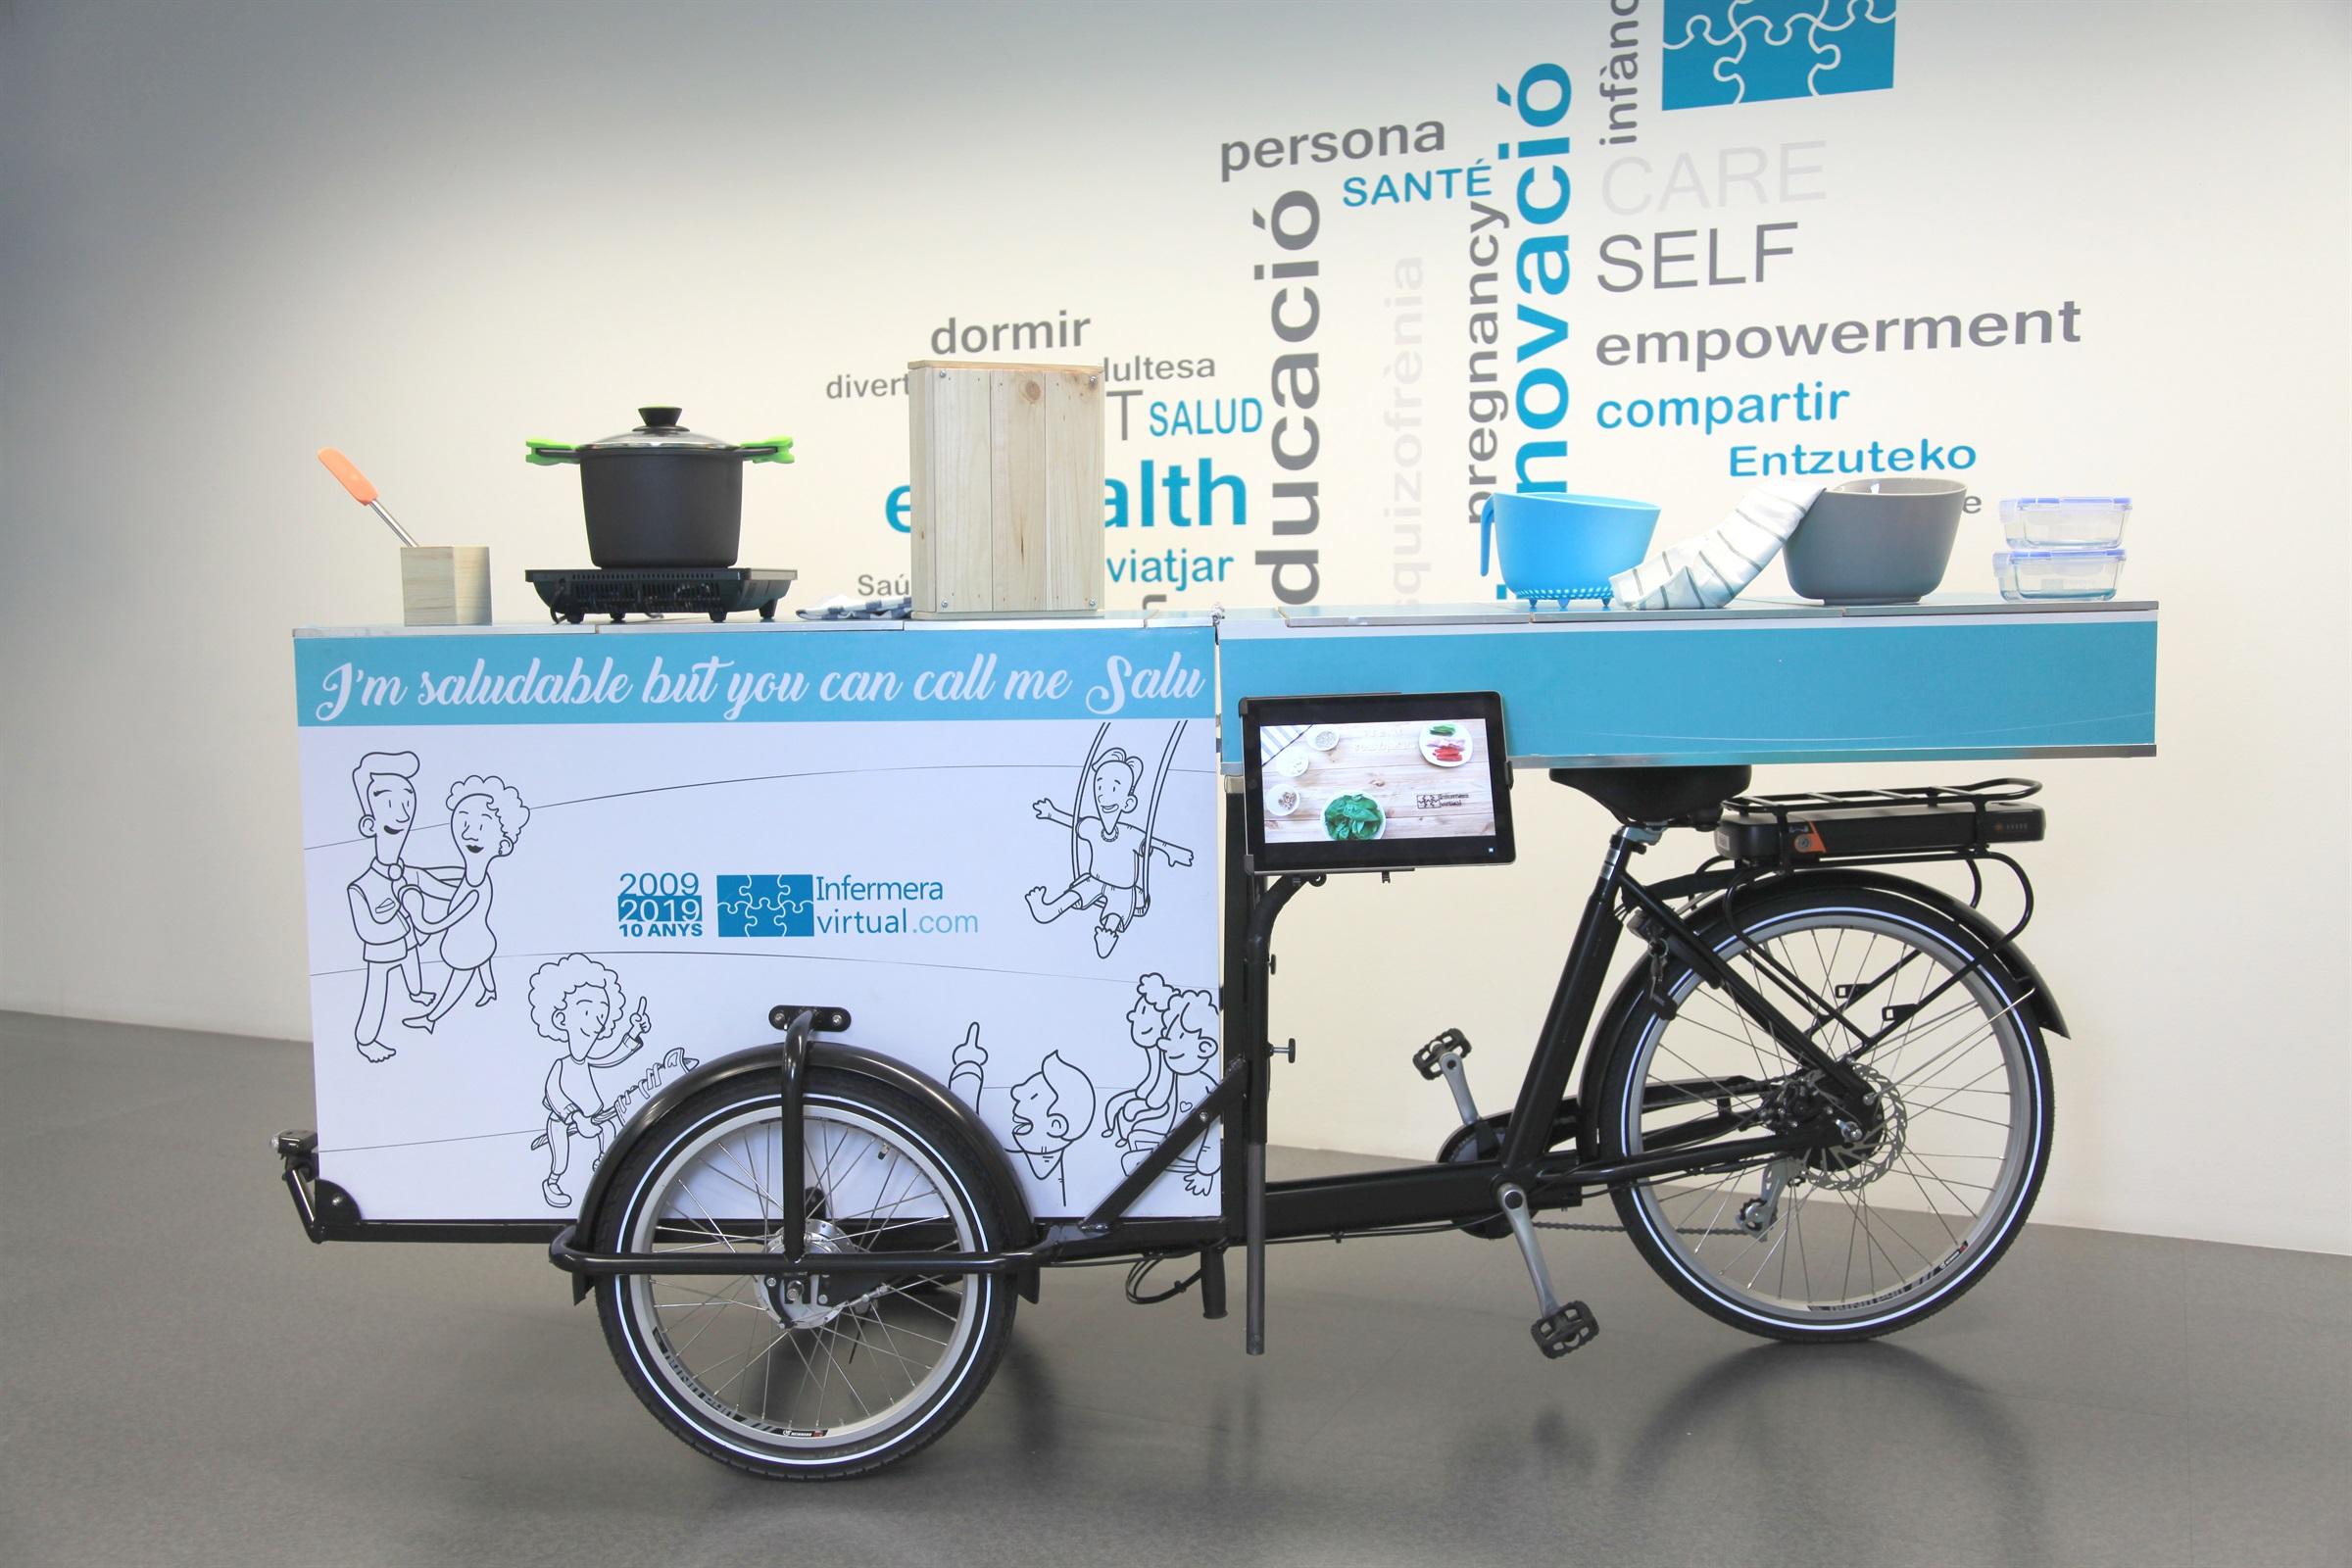 """Infermera virtual porta tallers per promoure una alimentació saludable als mercats de Barcelona amb la bicicleta itinerant """"la Salu"""""""